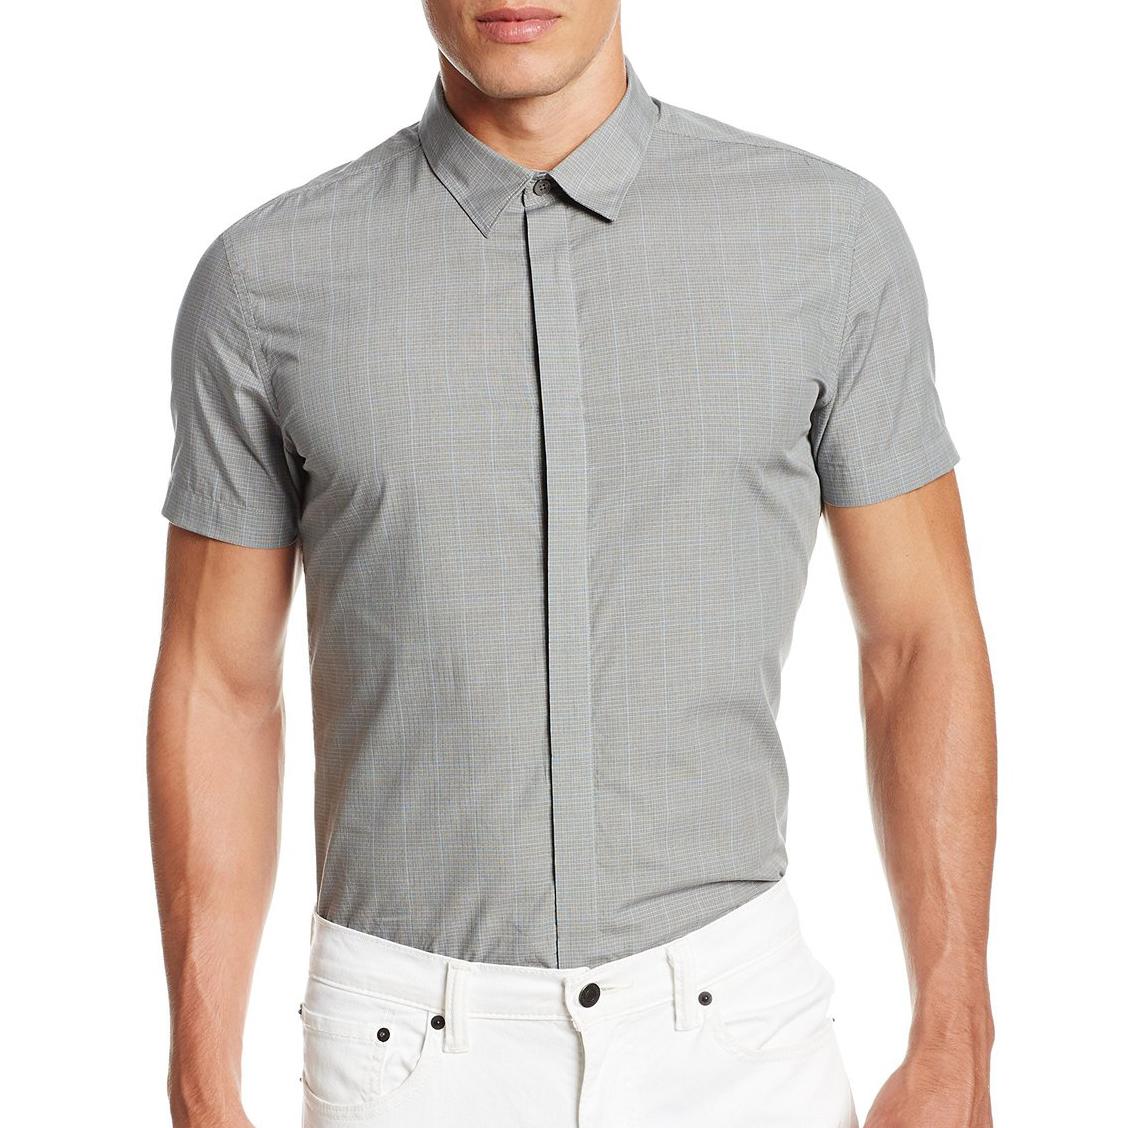 美國百分百【全新真品】Calvin Klein 襯衫 CK 男衣 短袖 灰色 格紋 休閒 合身 上衣 S M號 E200